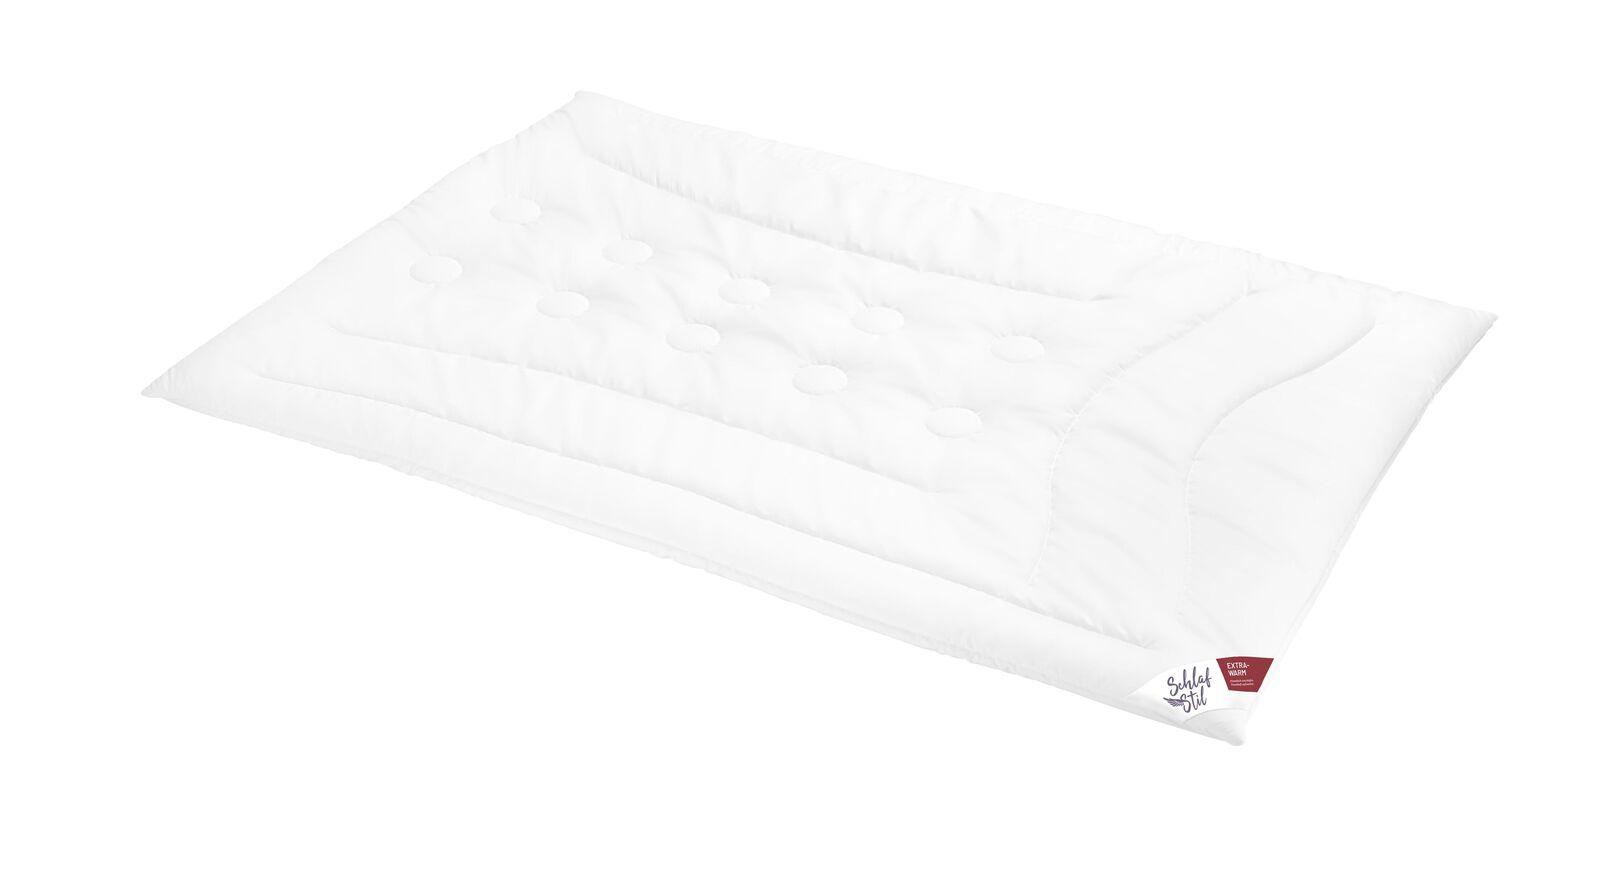 SCHLAFSTIL Cashmere-Flaum-Bettdecke N700 extra warm für die kalte Jahreszeit